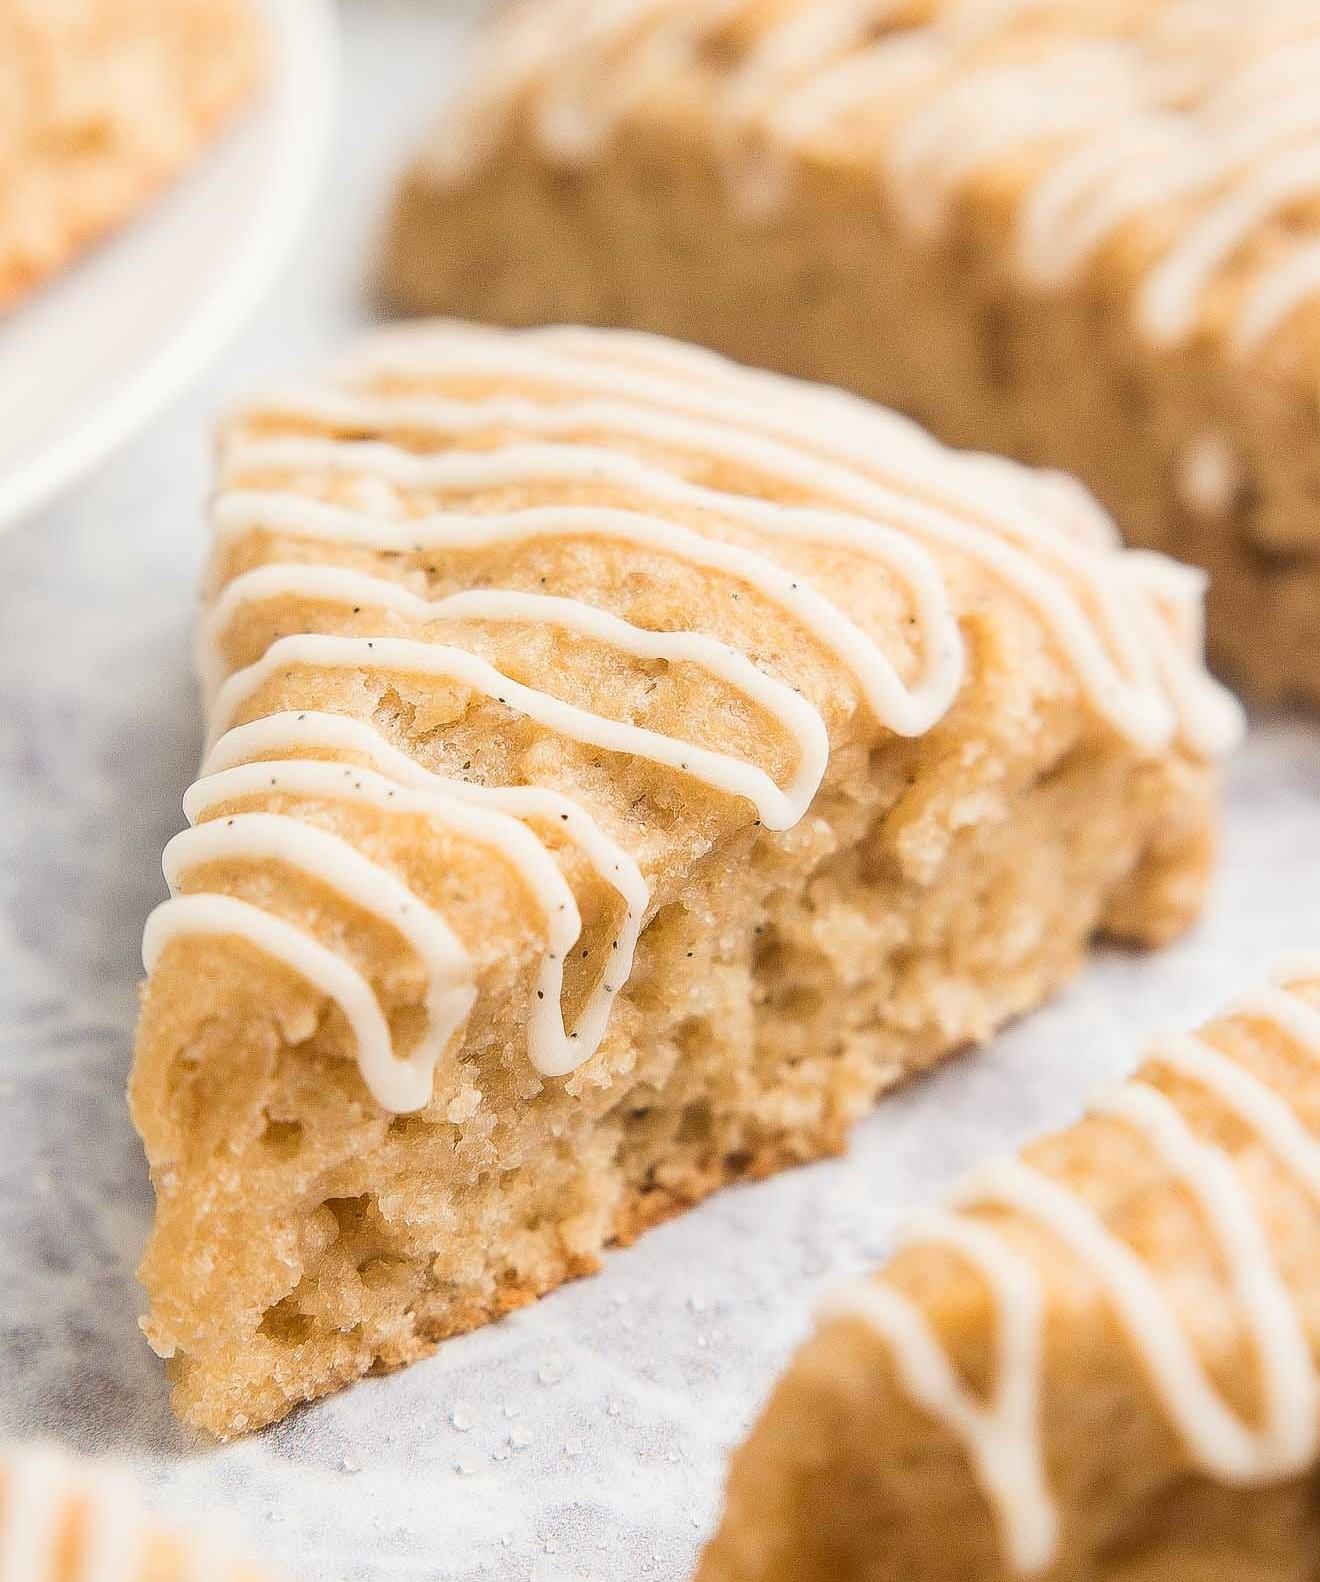 các loại bánh các loại bánh Các loại bánh Âu và cách phân biệt, bạn đã biết chưa? cac loai banh au 4 1